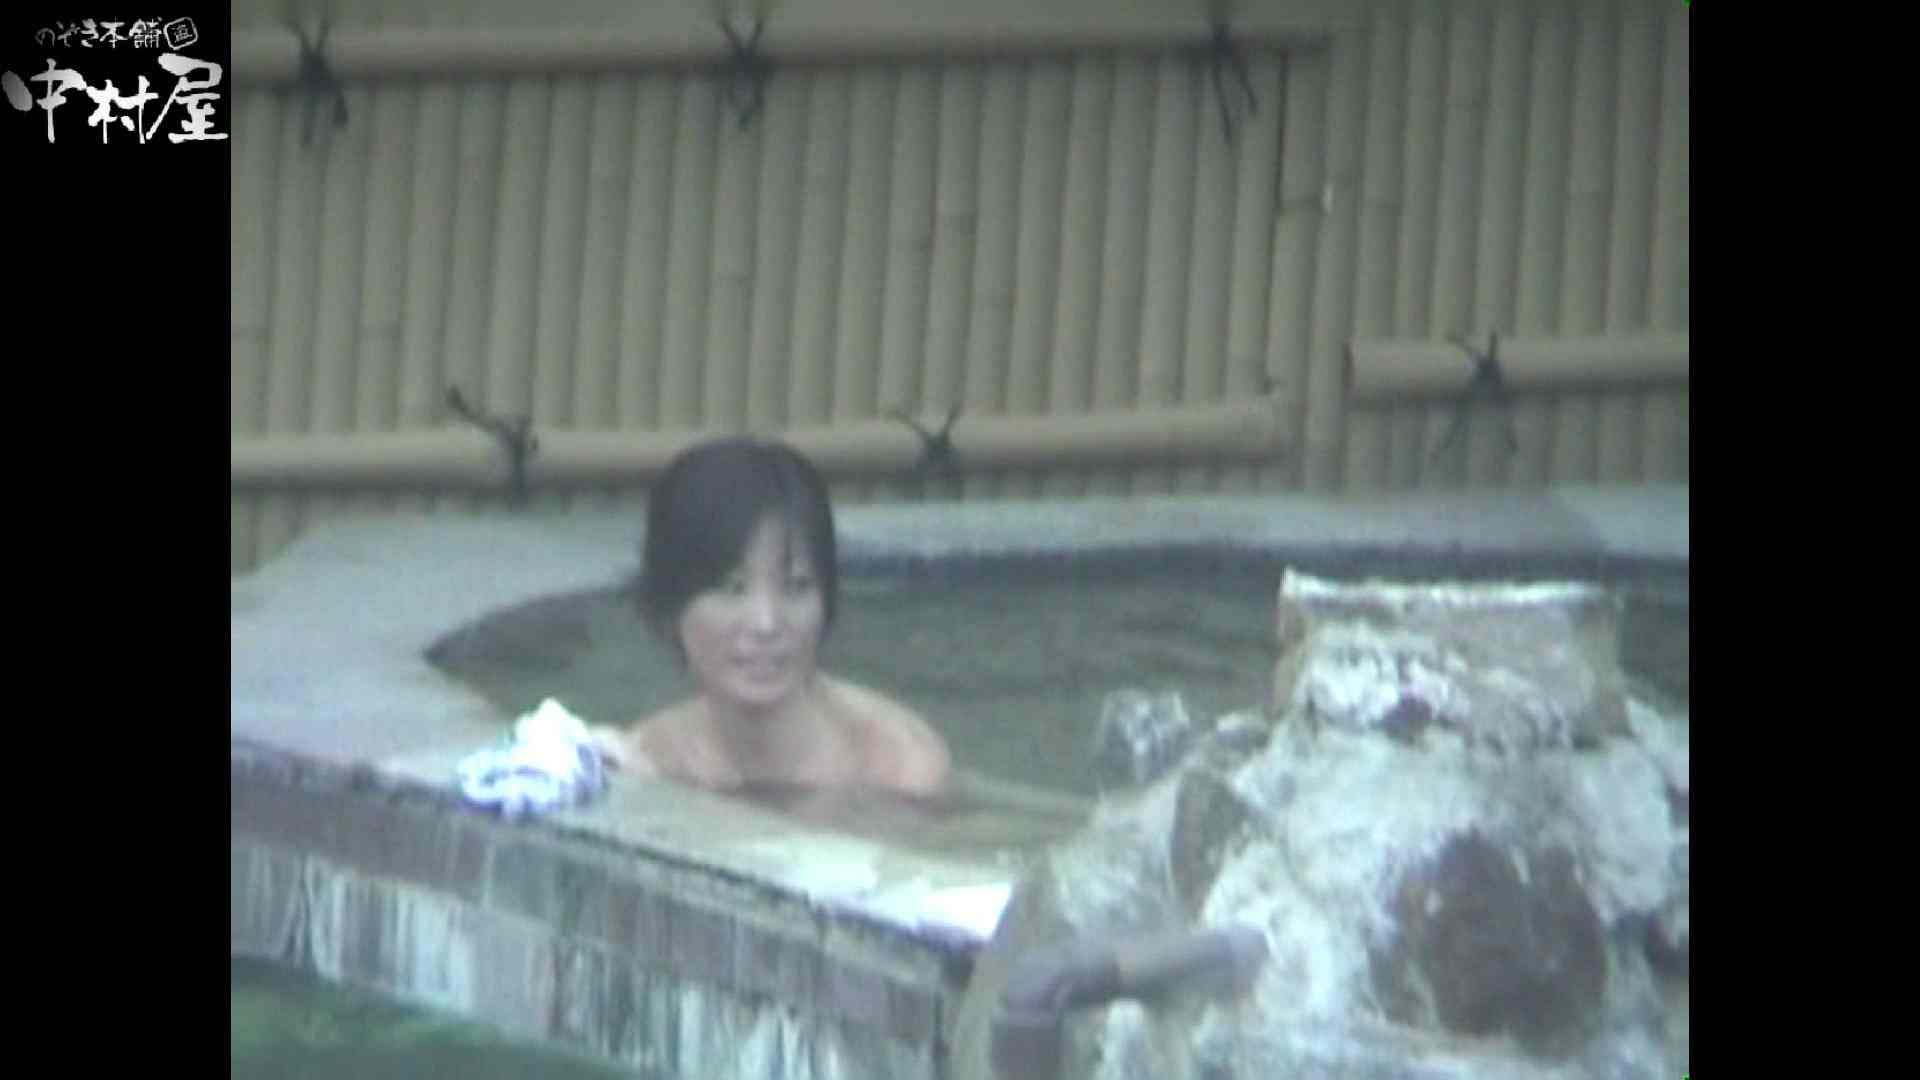 Aquaな露天風呂Vol.972 OLのエロ生活   盗撮  105連発 1